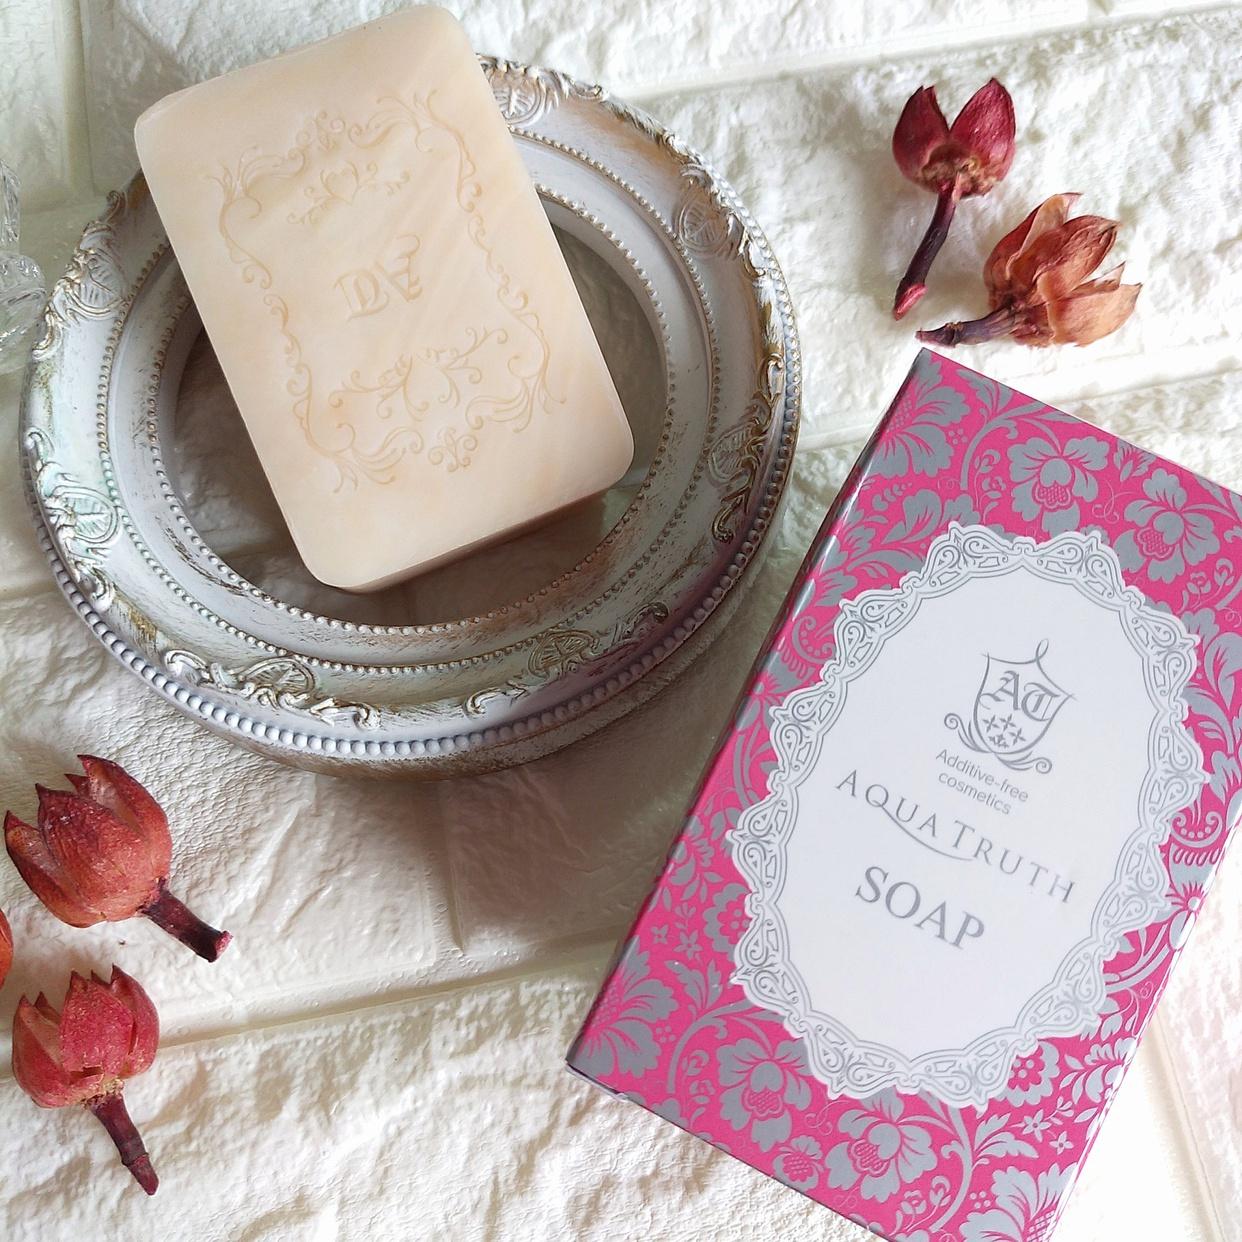 麗凍化粧品(Reitou Cosme) 薔薇はちみつ石鹸を使ったまるもふさんのクチコミ画像1